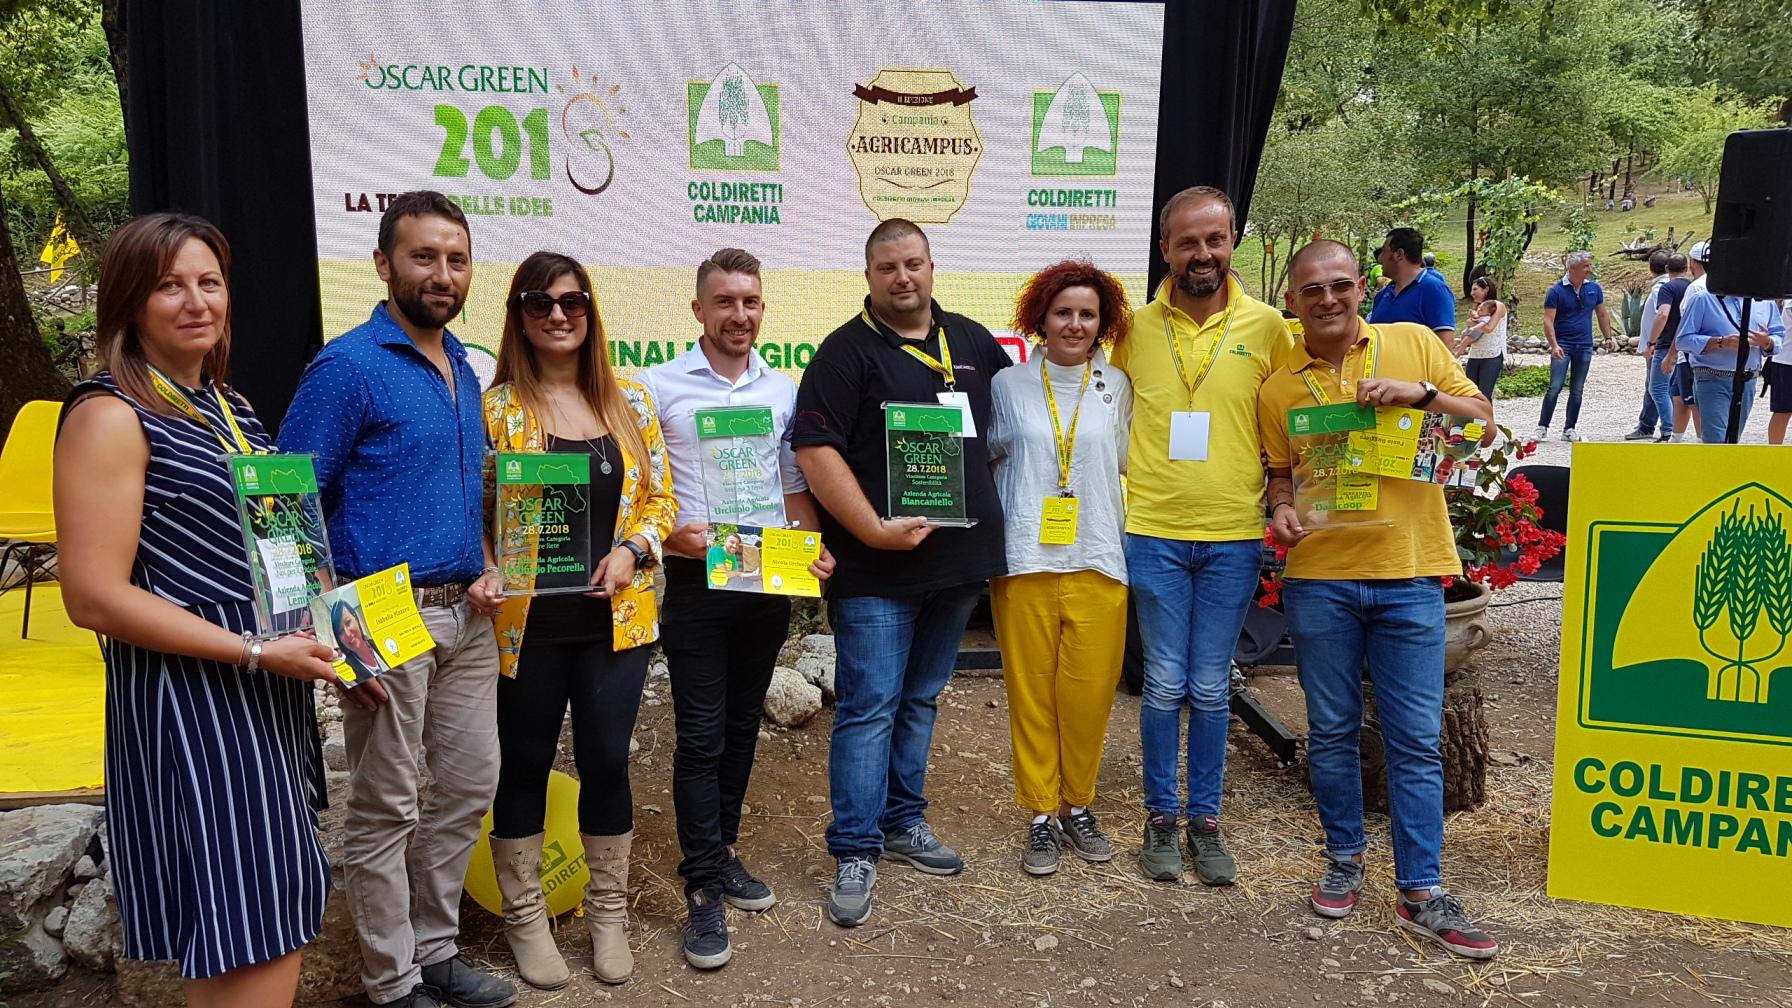 Oscar Green, sei premi ai giovani agricoltori della Campania